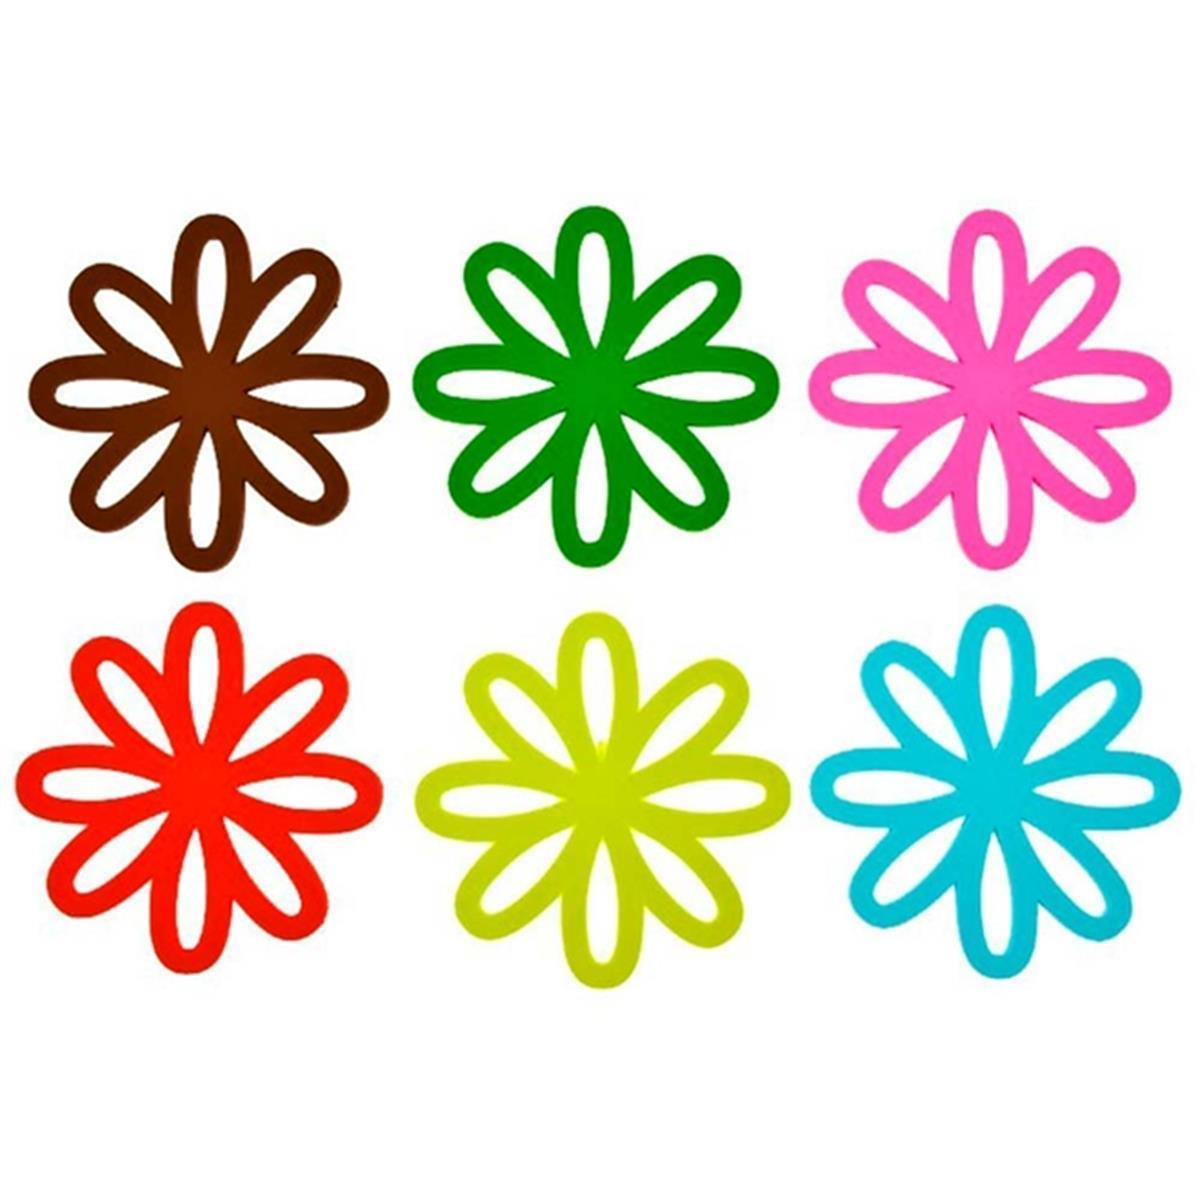 Kit 6 Porta Copos Em Pvc Desenho De Flores Pt0026 Gift4u Na Estrela10